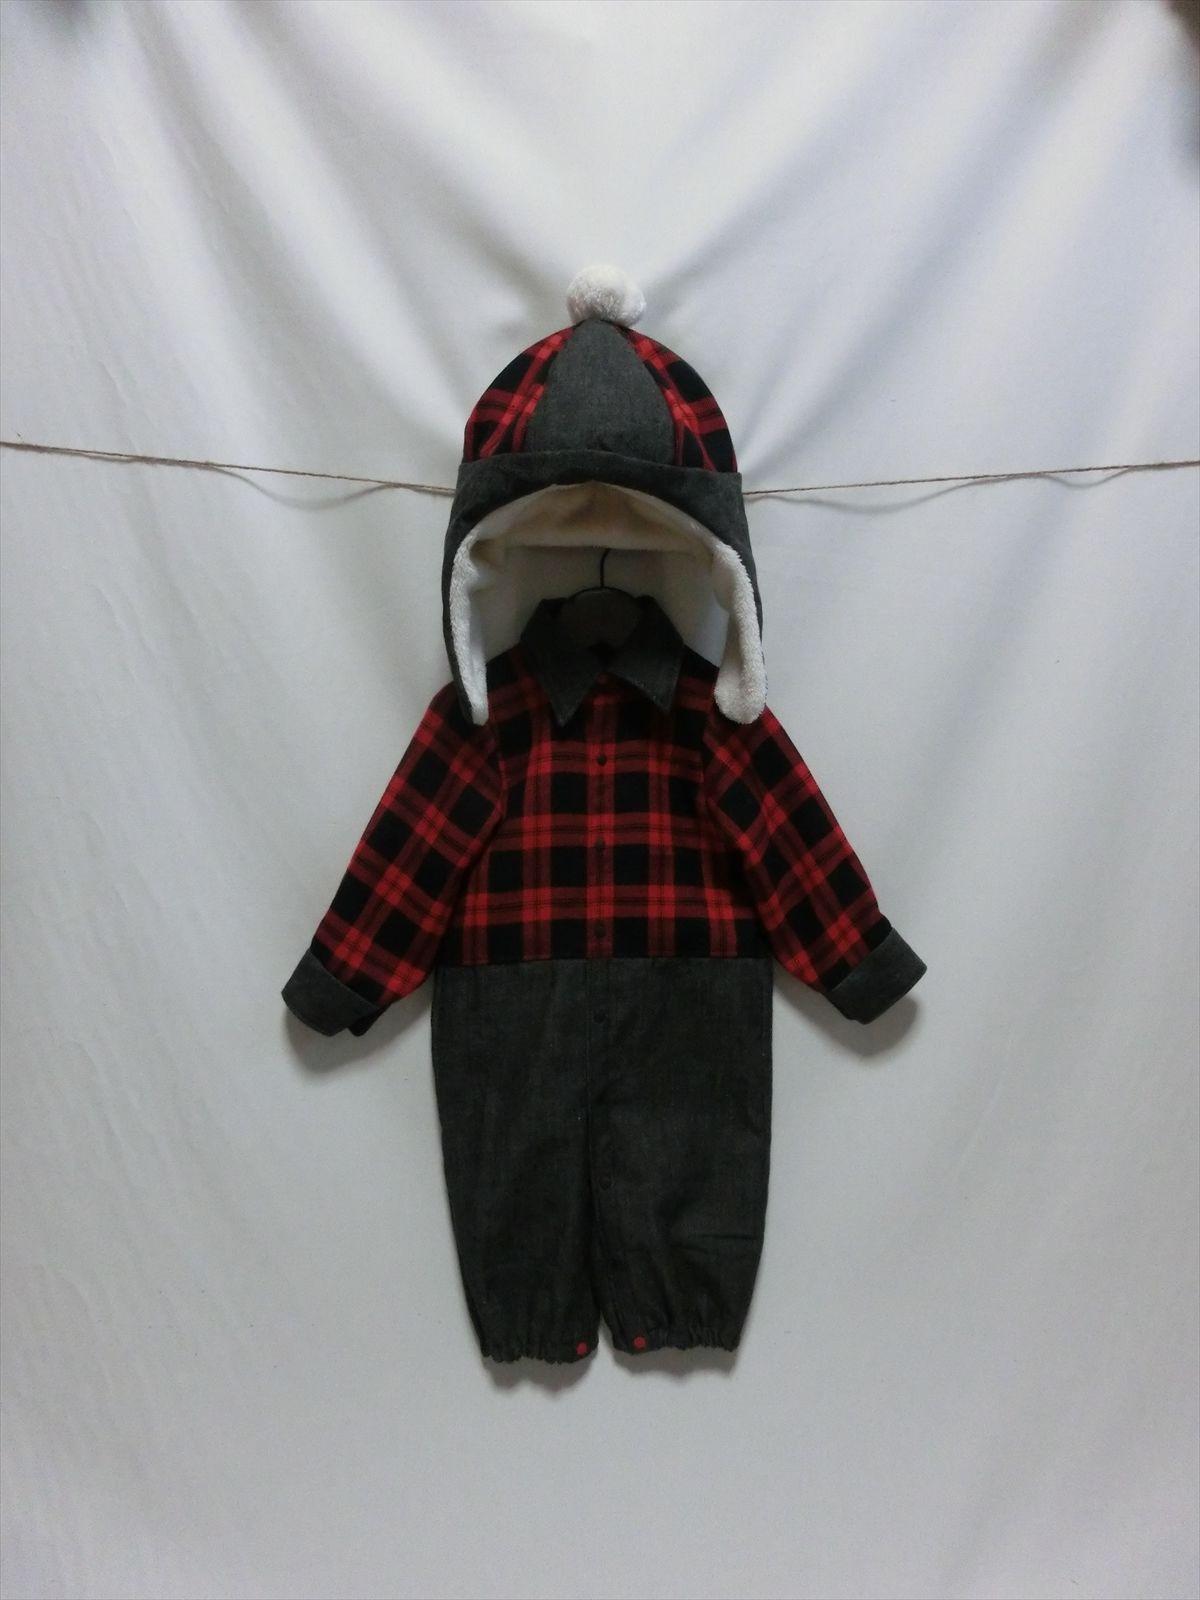 ブラックデニム×赤黒チェック カバーオール + もこもこ帽子